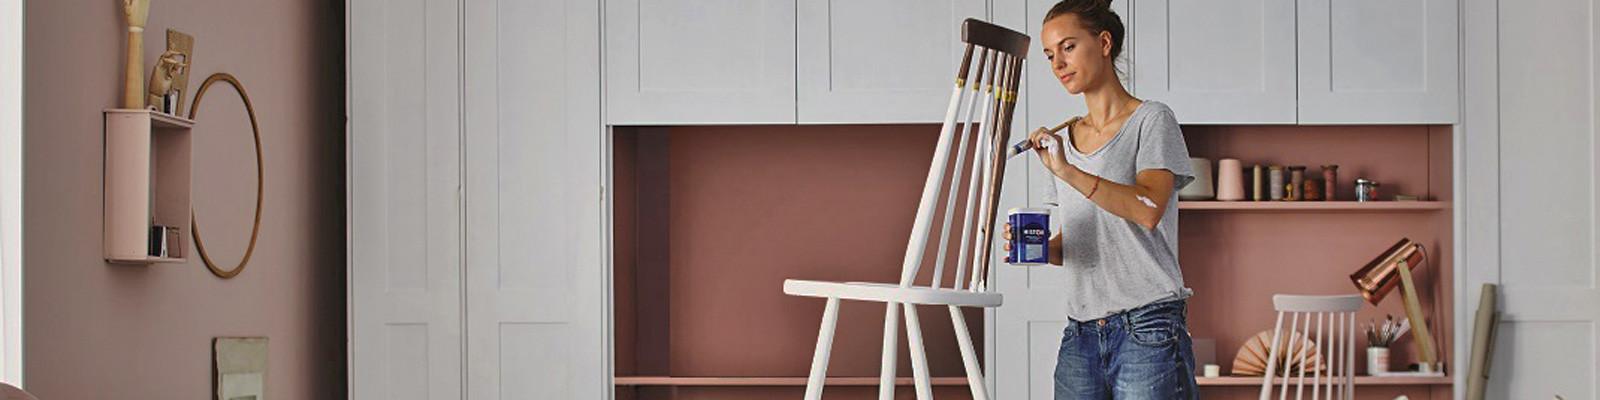 Sigma verf deuren kasten stoelen wit oud-roze